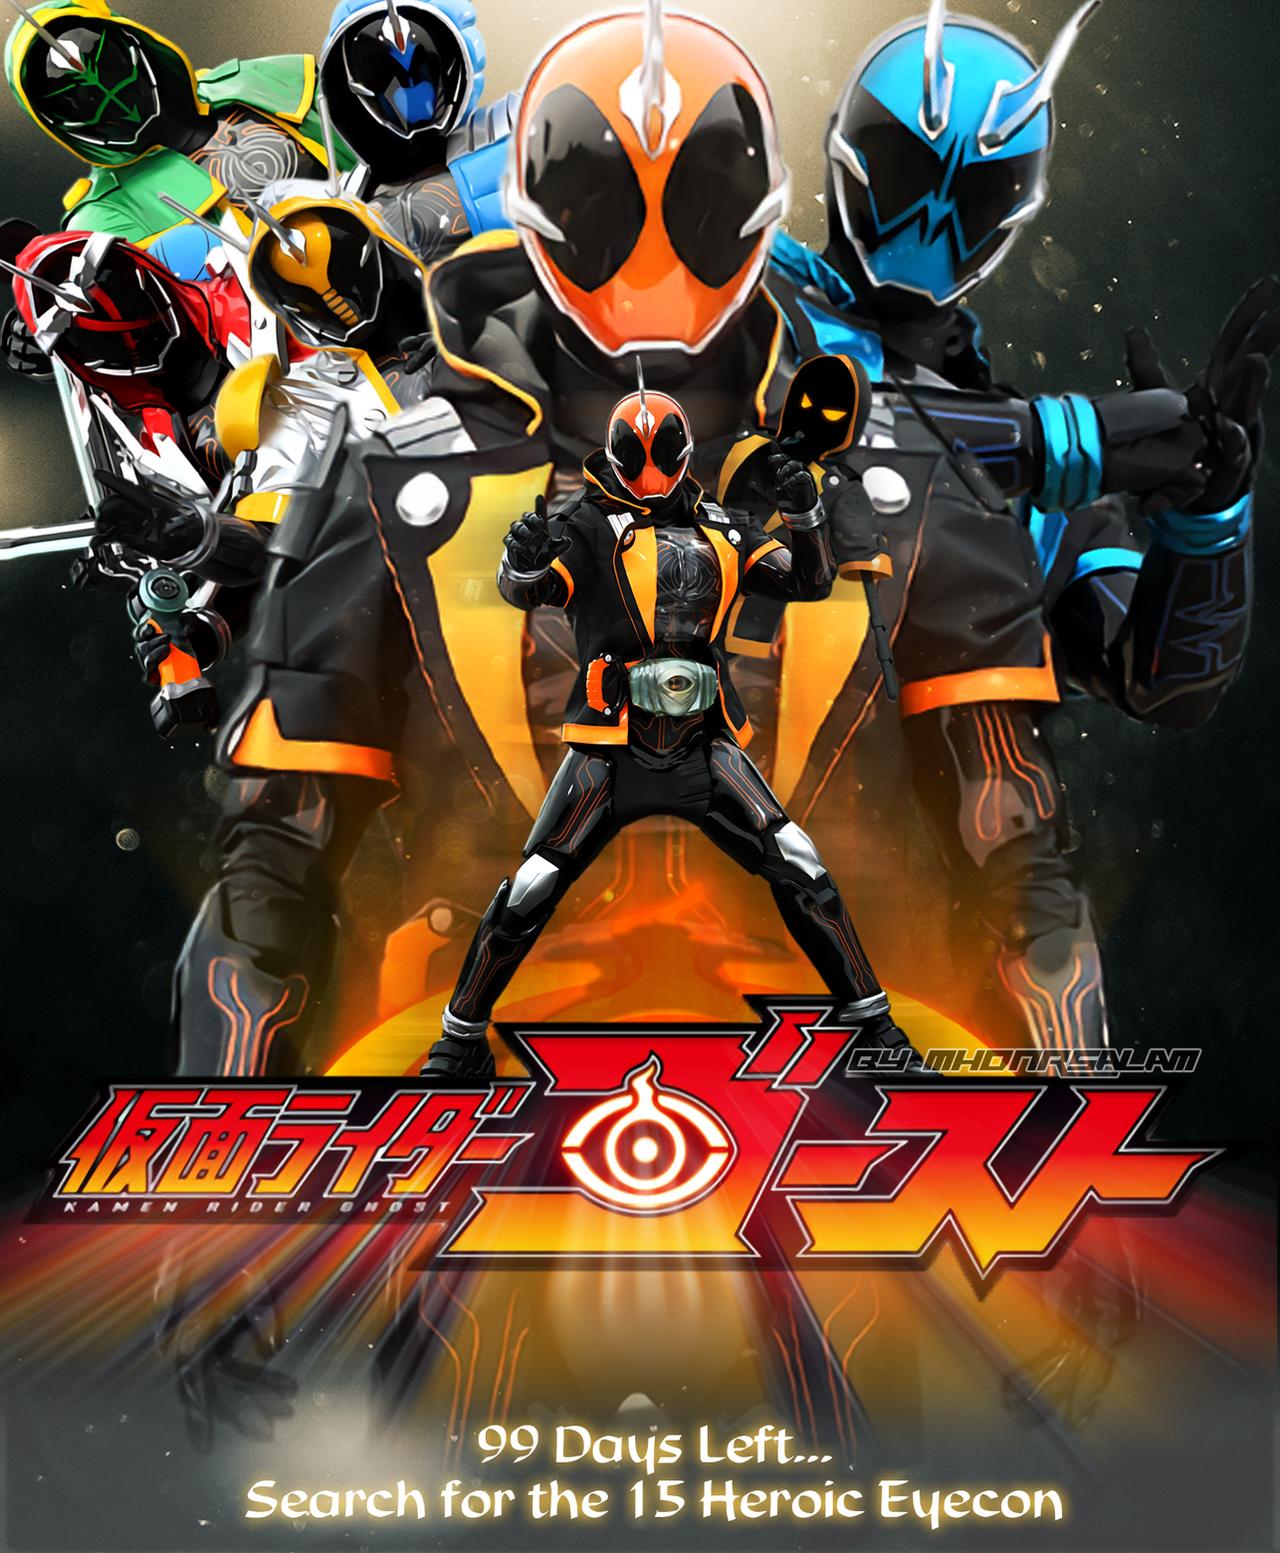 Kamen Rider VS Kamen Rider - Image 2